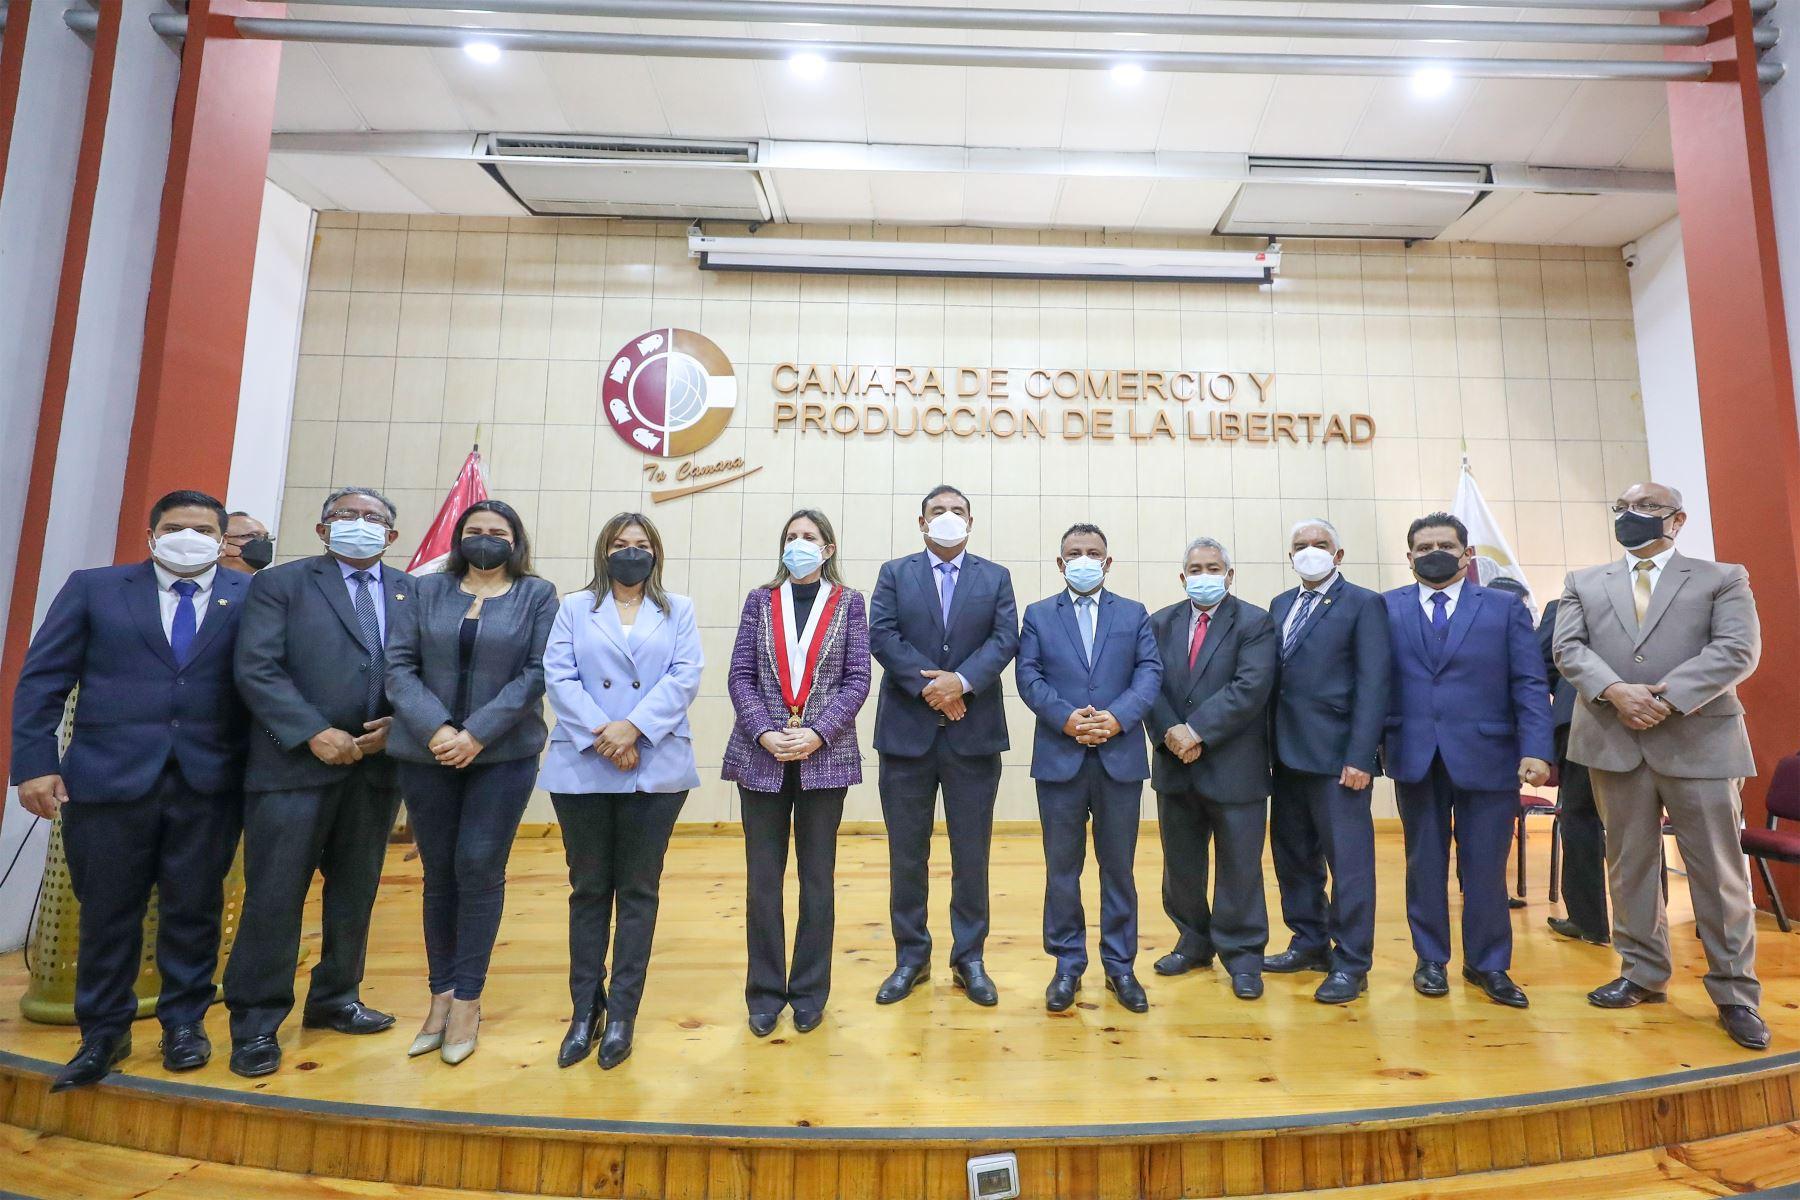 La presidenta del Congreso, Maricarmen Alva Prieto juramentó a la Bancada La Libertad en Trujillo Foto: Congreso